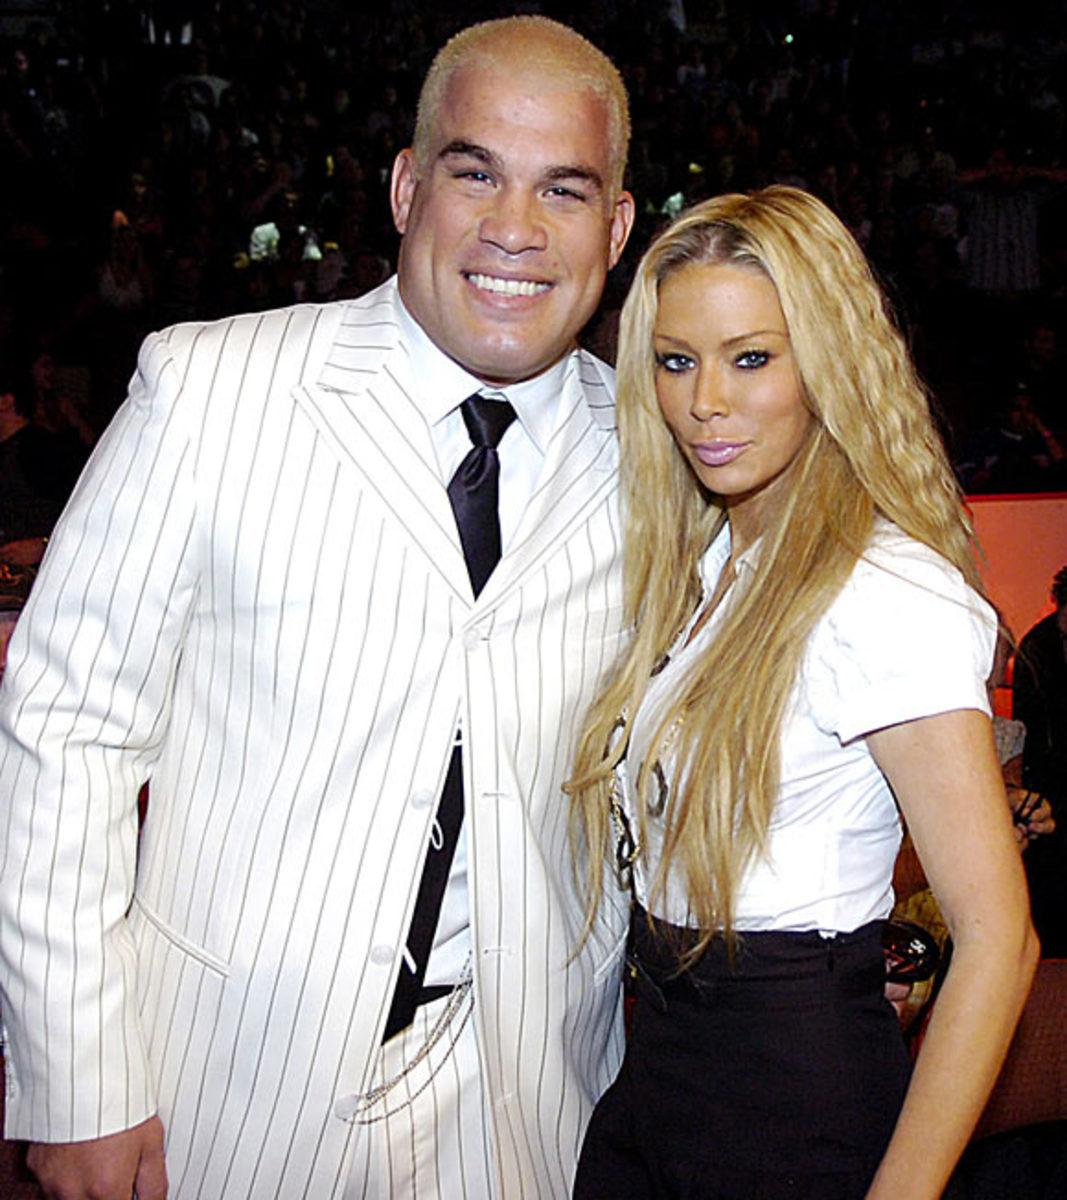 Tito Ortiz and Jenna Jameson